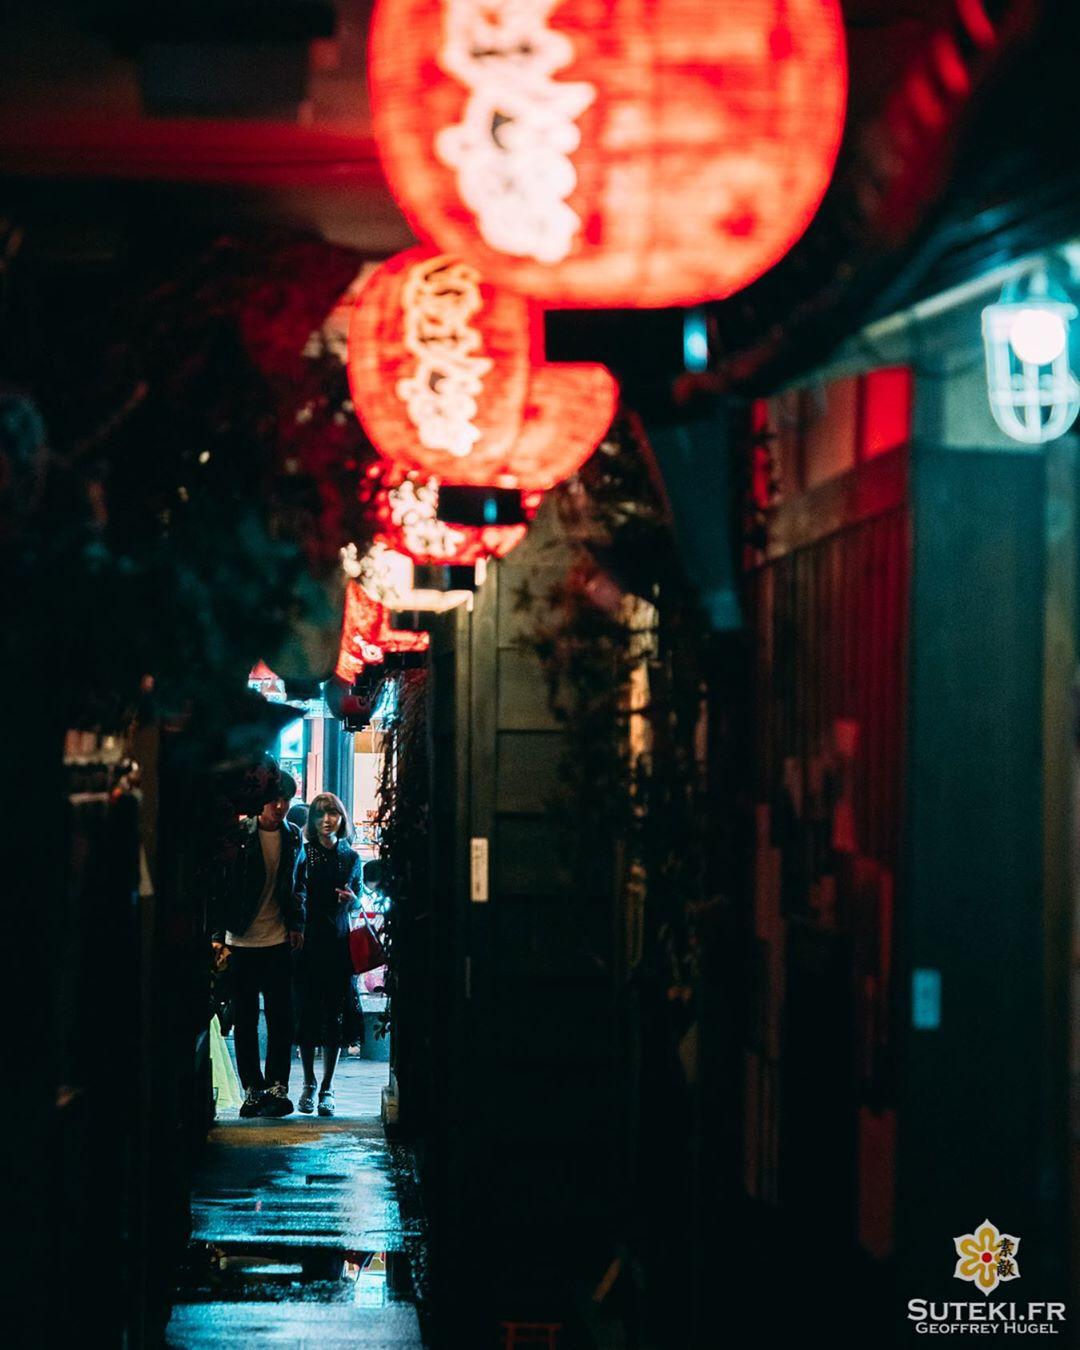 Une petite allée qui fait la connexion entre deux mondes diamétralement opposés, mais qui ne révèle qu'à ceux qui savent bien regarder !  Ces deux là ont visiblement eu le coup d'œil 👀 !! Et vous, vous cherchez les petits passages secrets lors de vos visites ? . . . . . #osaka #osakajapan #osakatravel #discoverjapan #explorejapan #everydayjapan #nightphoto #nightpics #secretplaces #大阪 #大阪旅行 #大阪観光